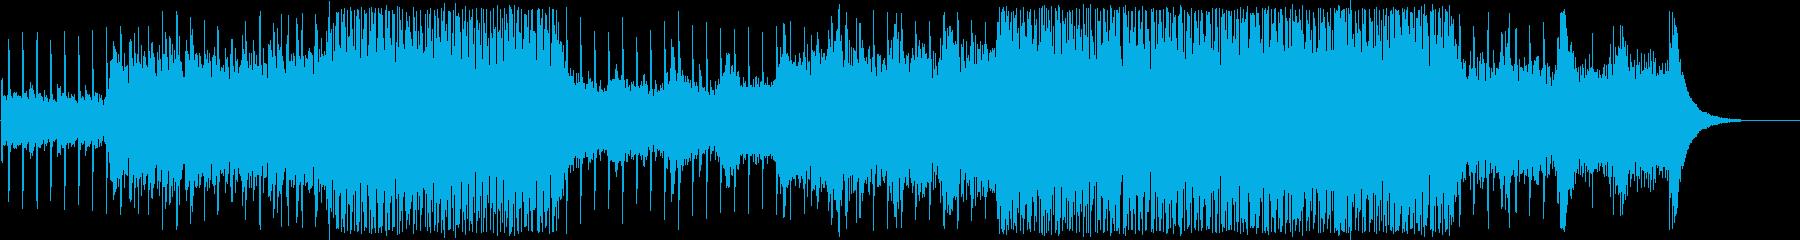 ゆったり 海 夏トロピカル EDM 2の再生済みの波形